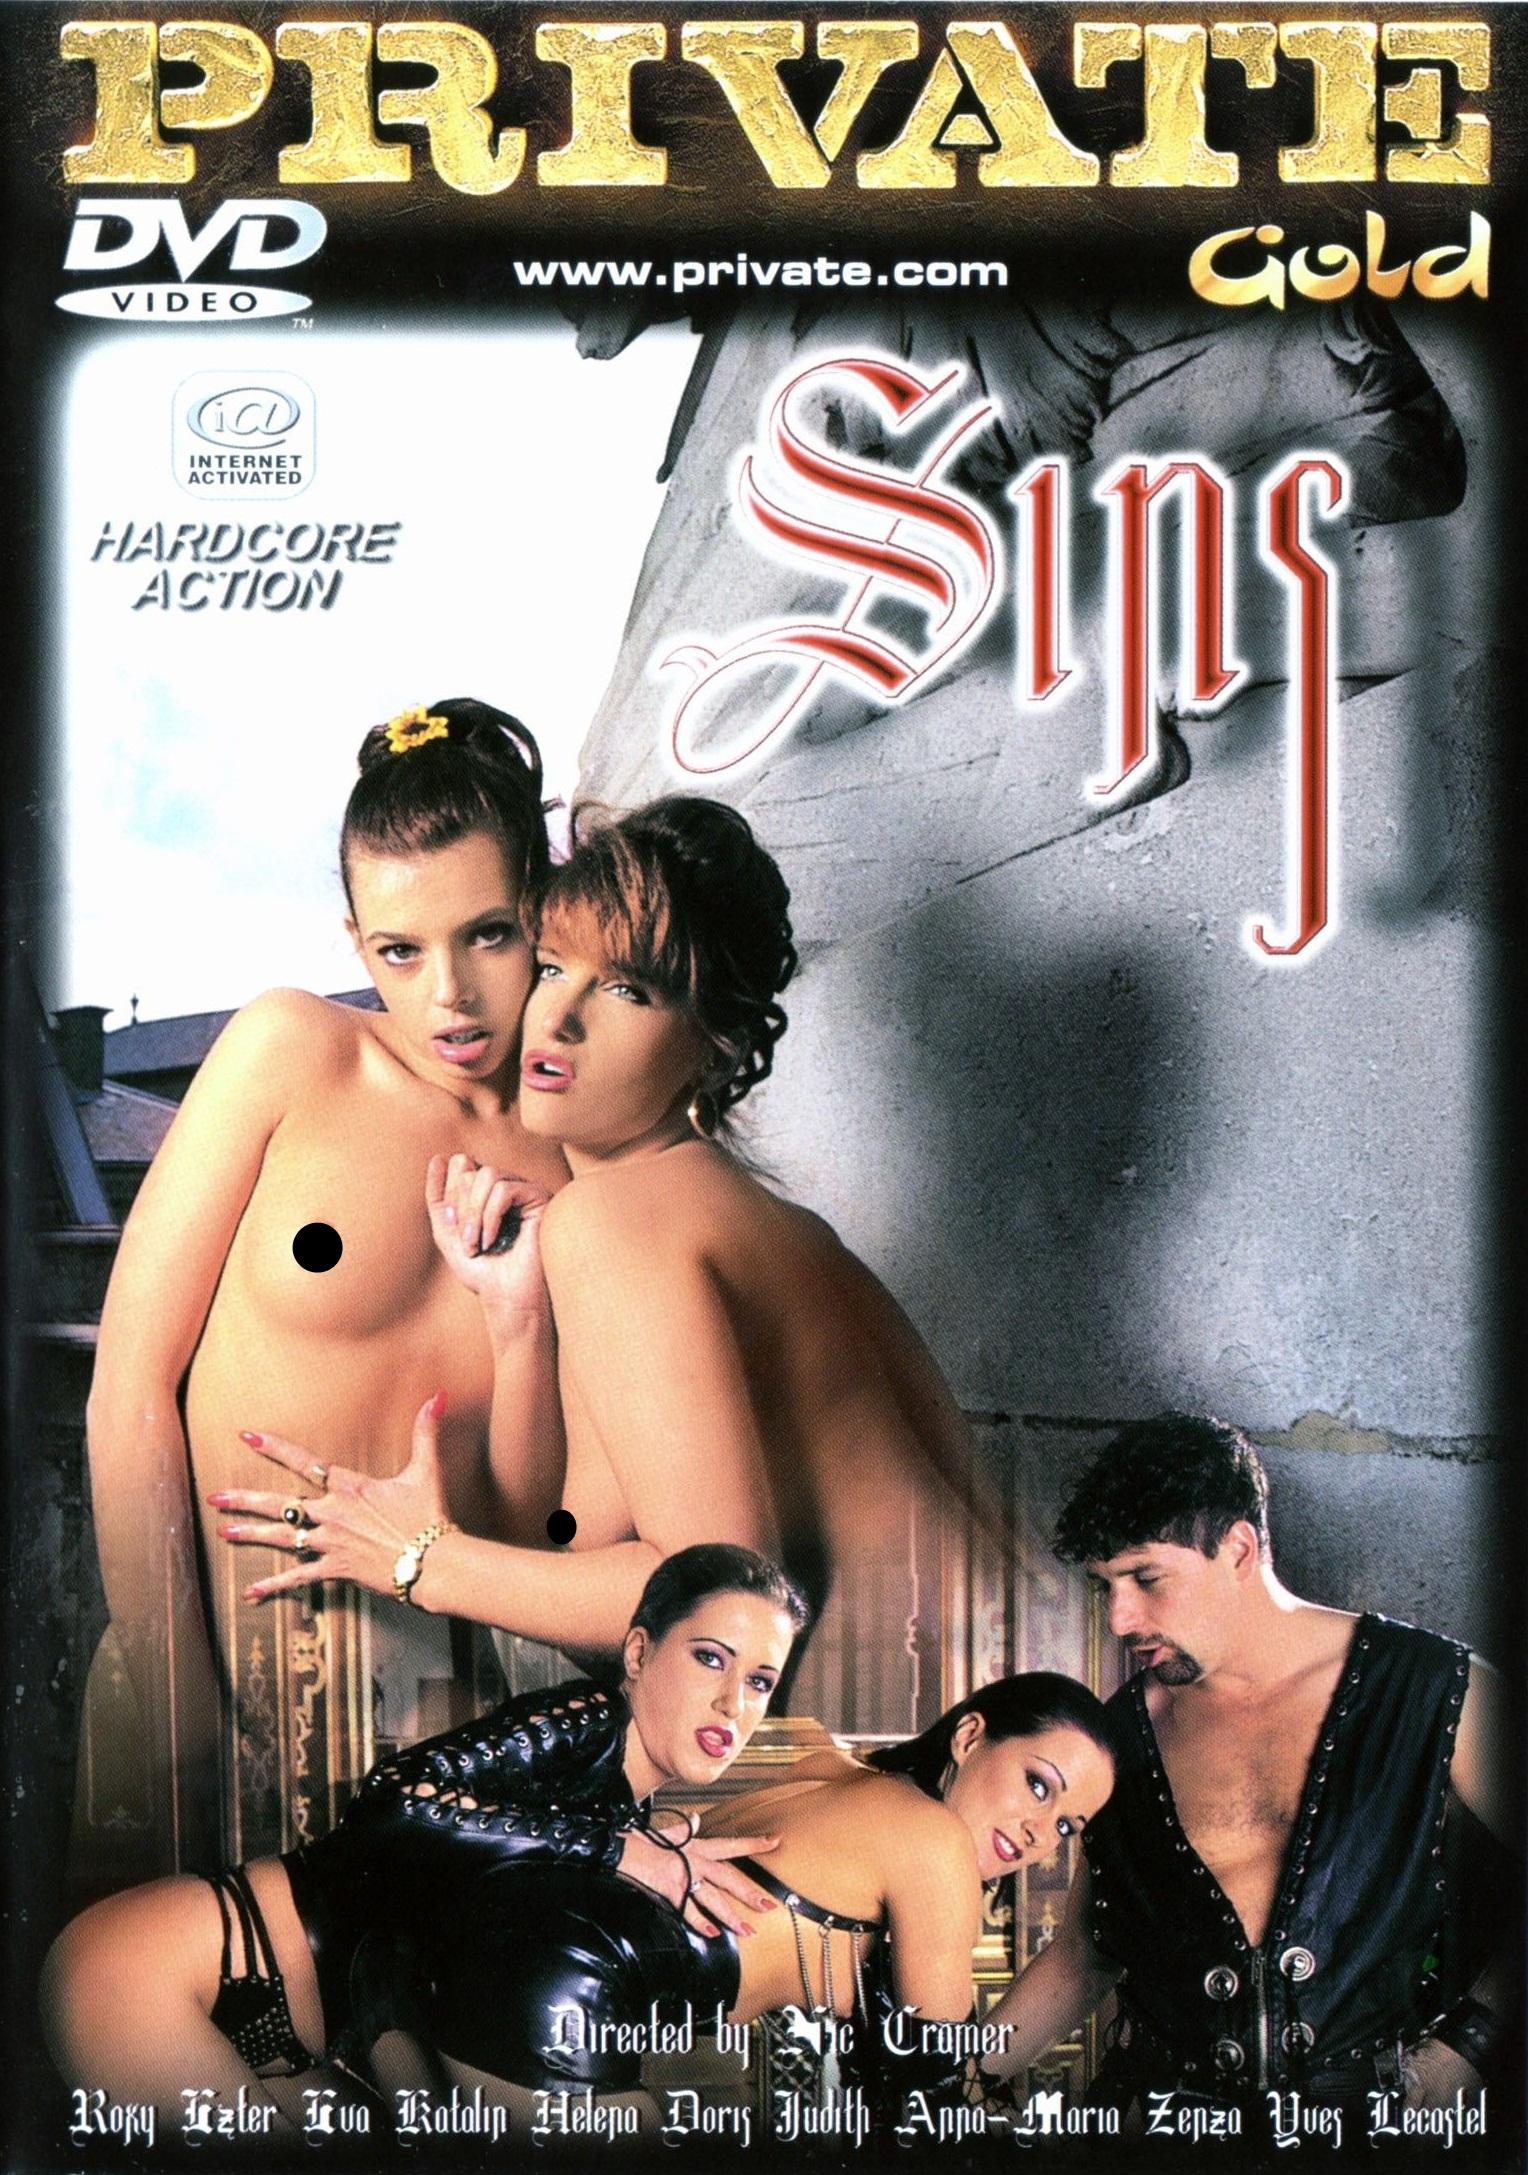 Смотреть порно онлайн грешница living in sin